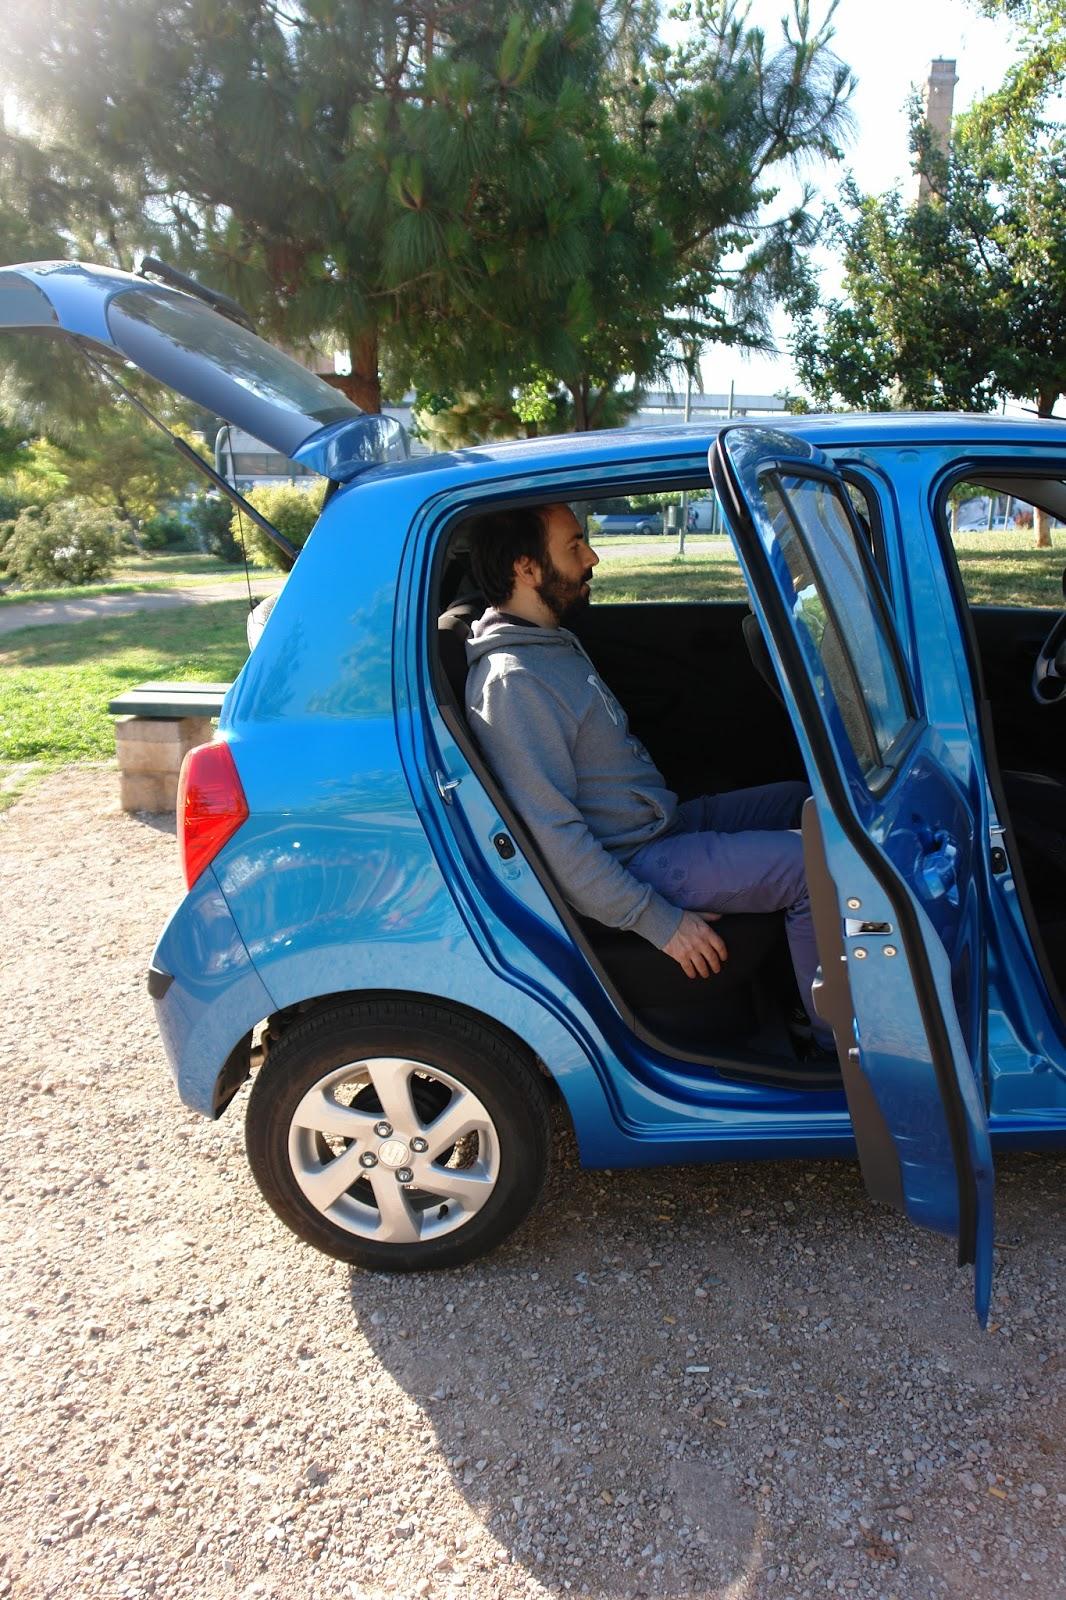 f4 To Suzuki Celerio είναι… δύο σε ένα